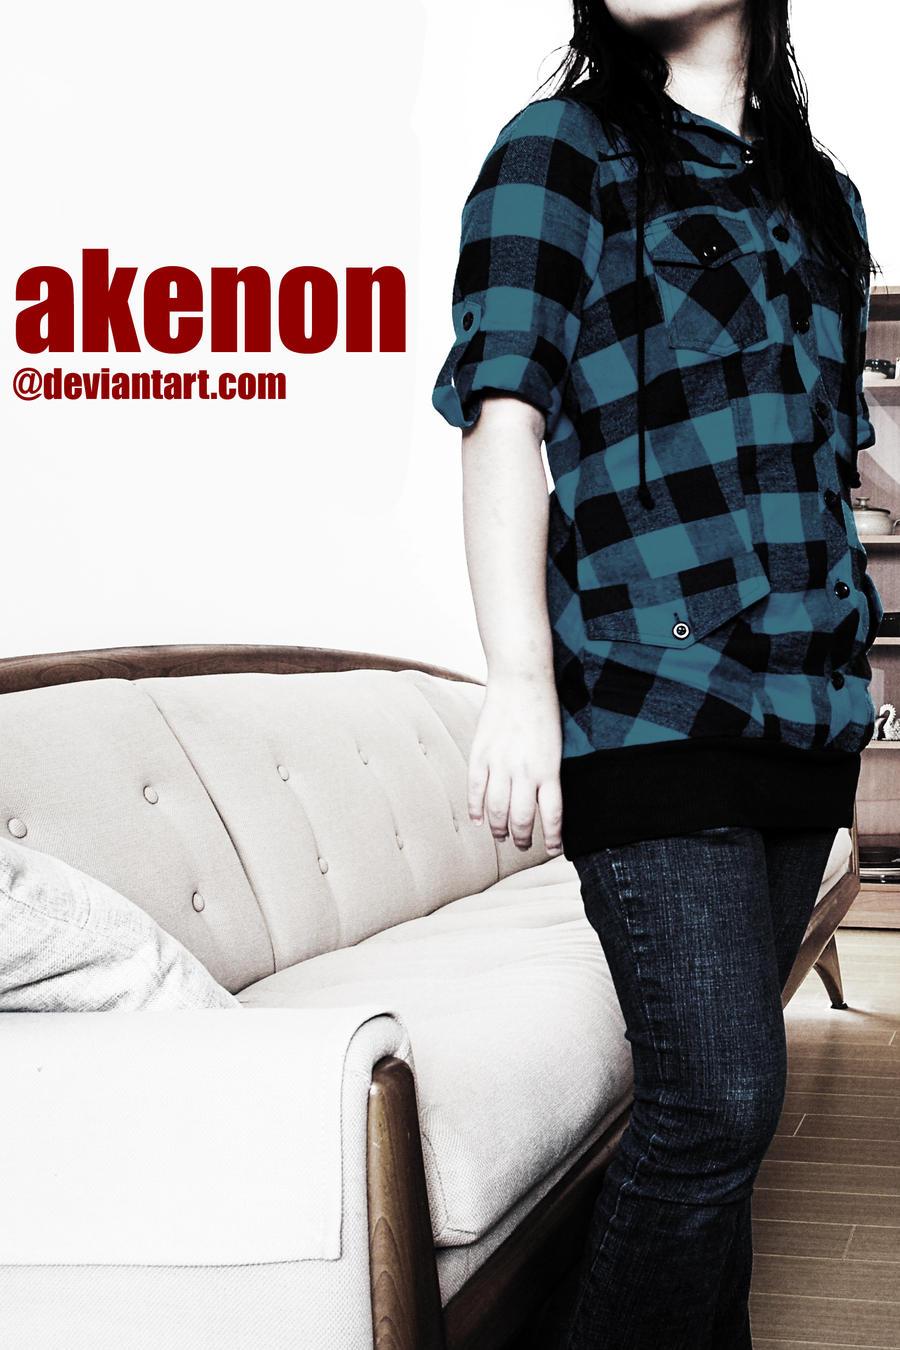 akenon's Profile Picture